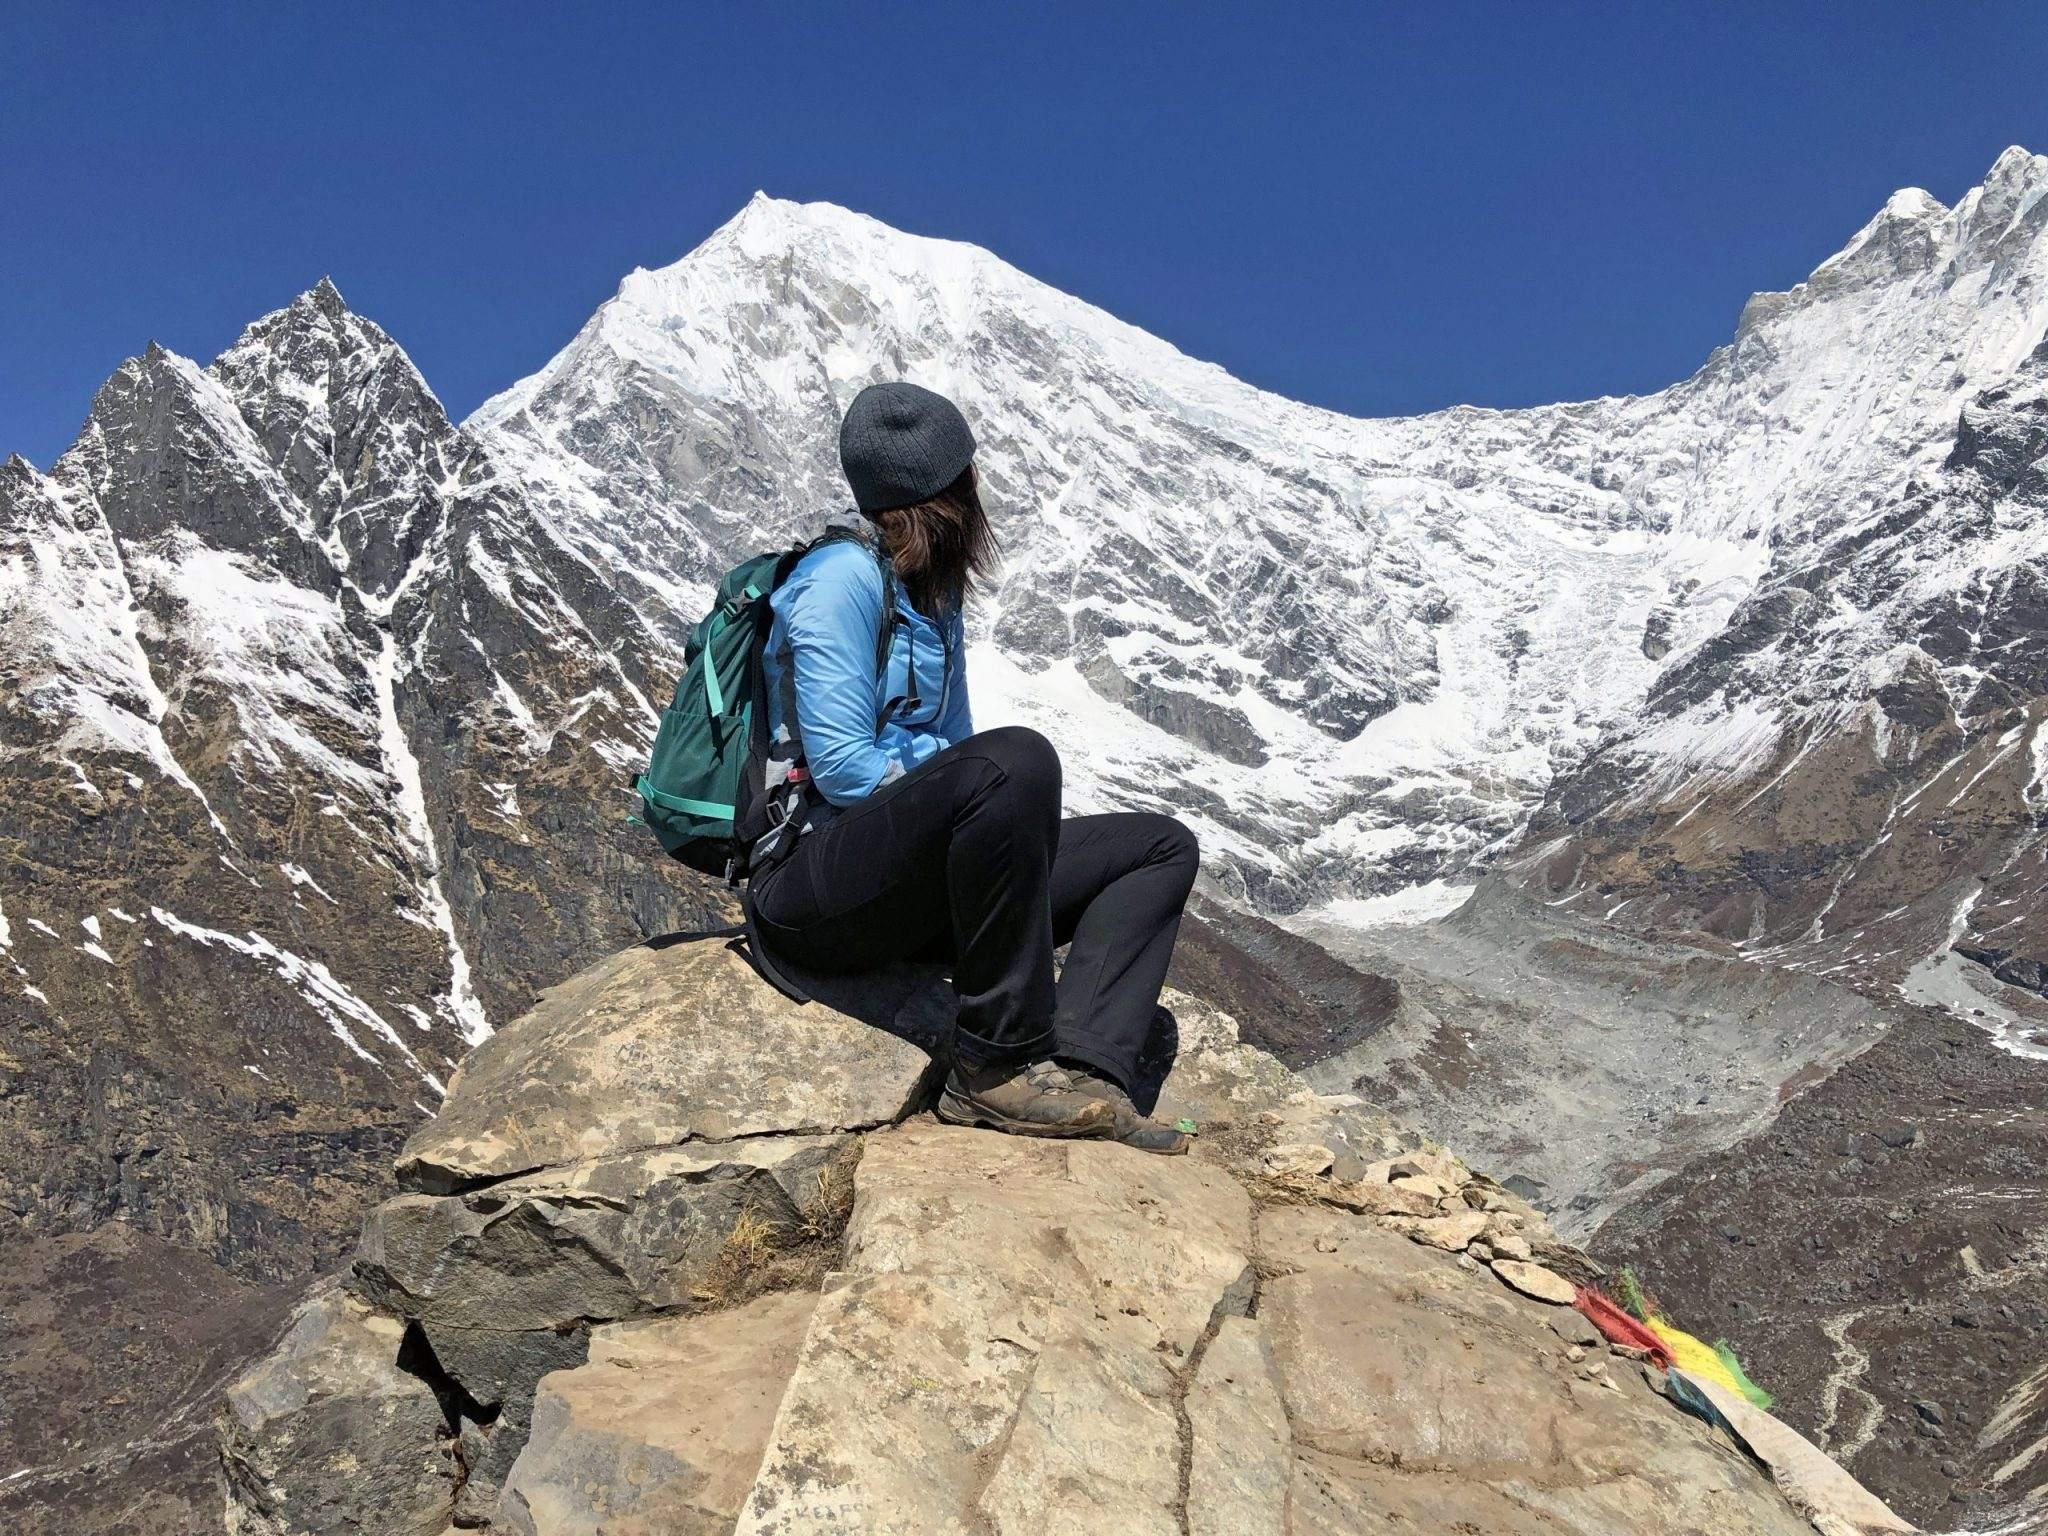 Op de Langtang Valley trek in Nepal